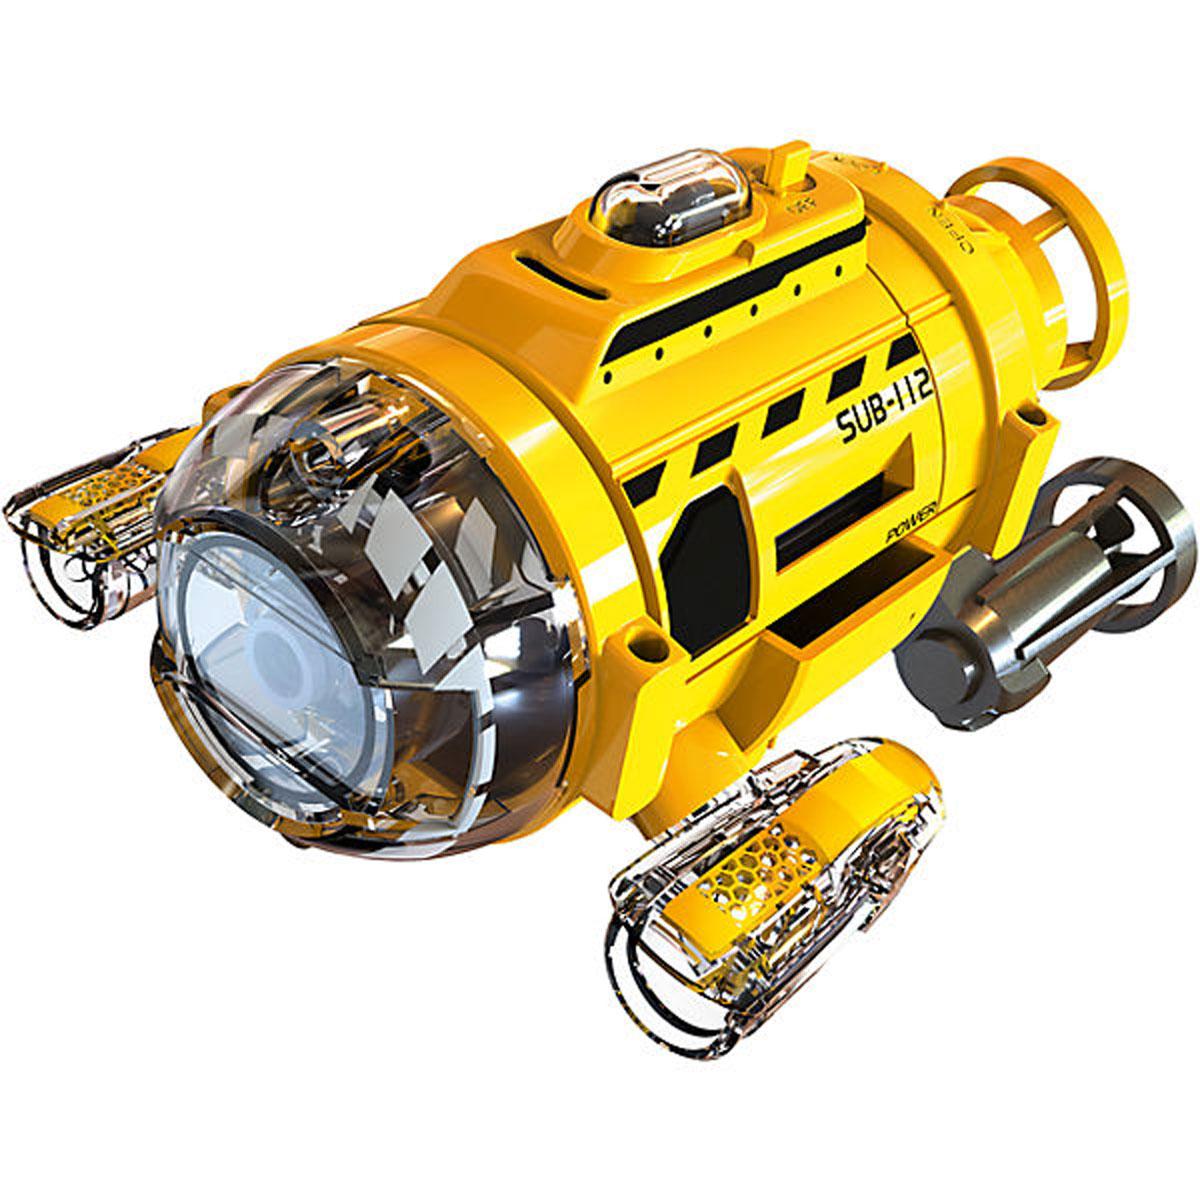 Silverlit Подводная лодка на инфракрасном управлении82418Подводная лодка на инфракрасном управлении Silverlit идеально подходит для игры в аквариуме или неглубоком водоеме с чистой водой. Подводная лодка оснащена встроенной камерой и двумя LED-фонарями. Видео и фото записываются на встроенную память размером 256 Мб. Разрешение фото: 1280 х 960. Разрешение видео: 640 х 480. Игрушка также оснащена кормушкой для рыб. Для работы игрушки необходимы 2 батарейки типа АА напряжением 1,5V (не входят в комплект). Для работы пульта управления необходимы 4 батарейки типа АА напряжением 1,5V (не входят в комплект).